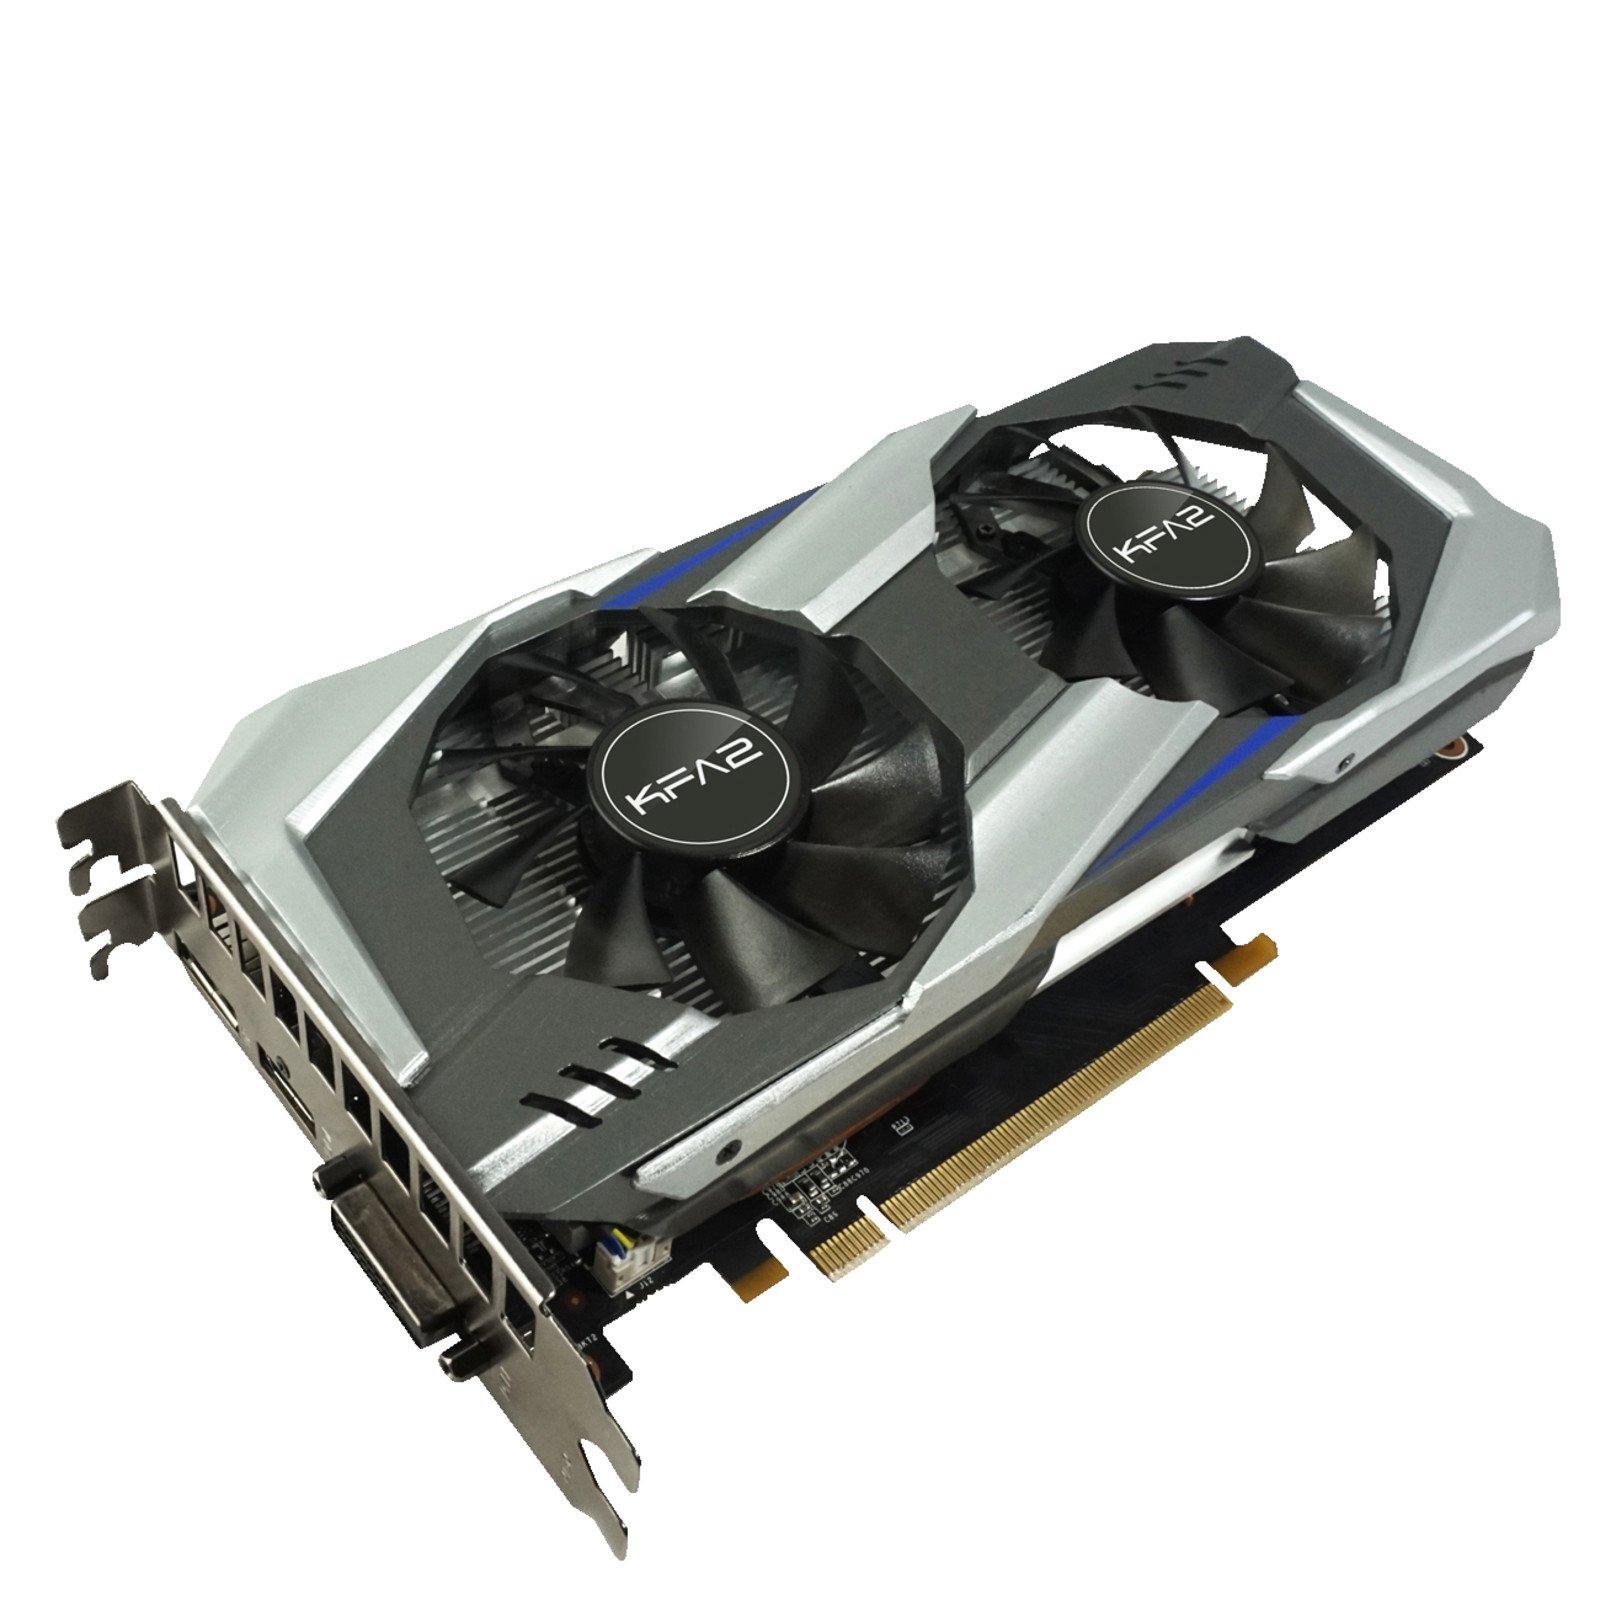 KFA2 GeForce® GTX 1060 OC 6GB - Graphics Card